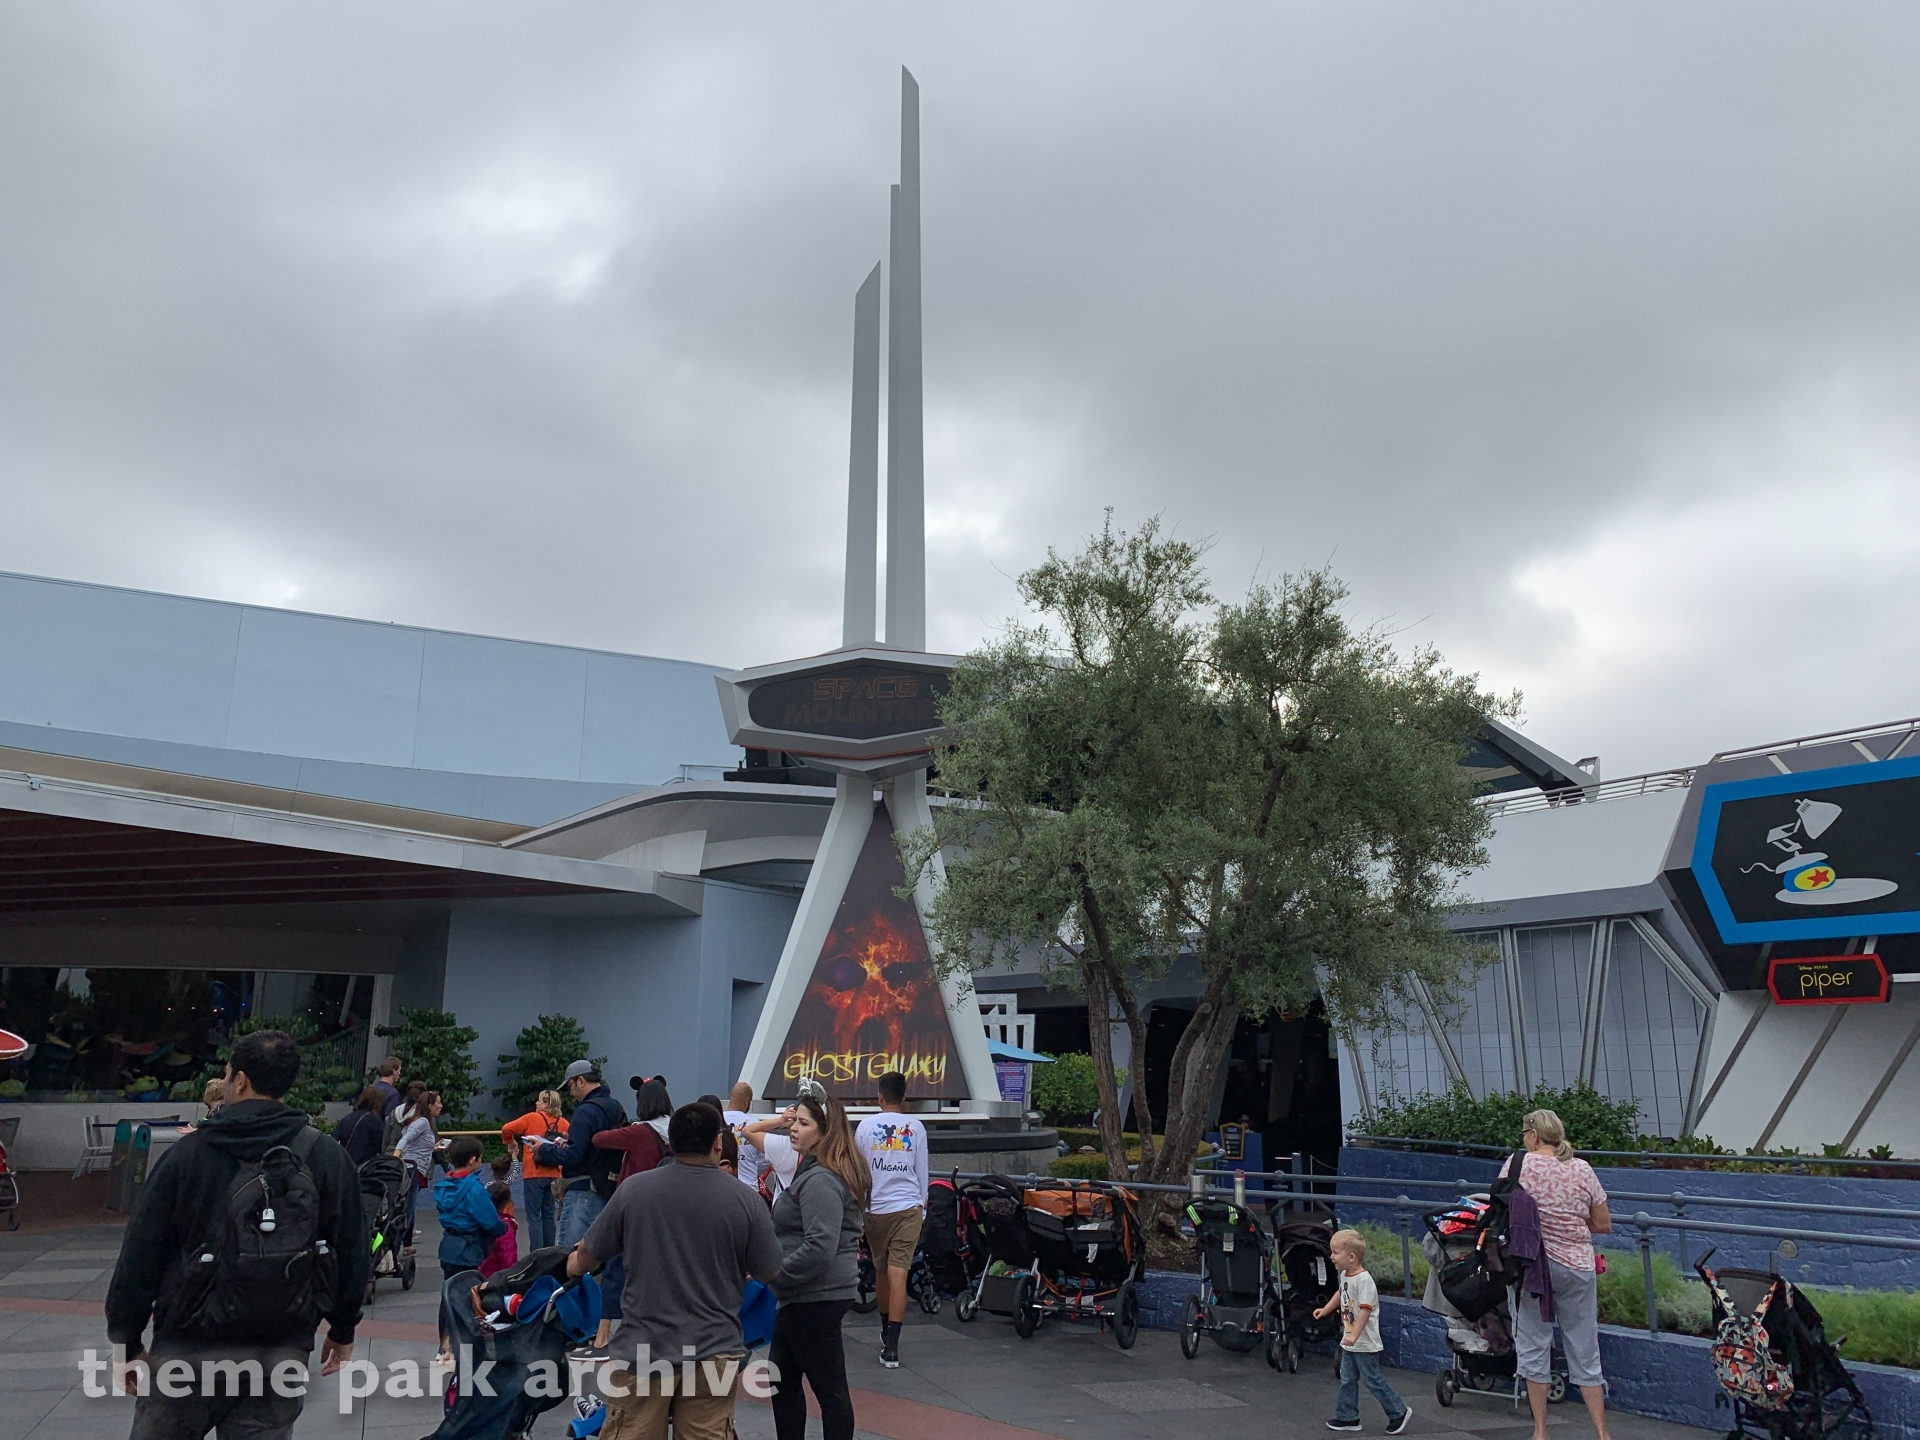 Space Mountain at Disneyland